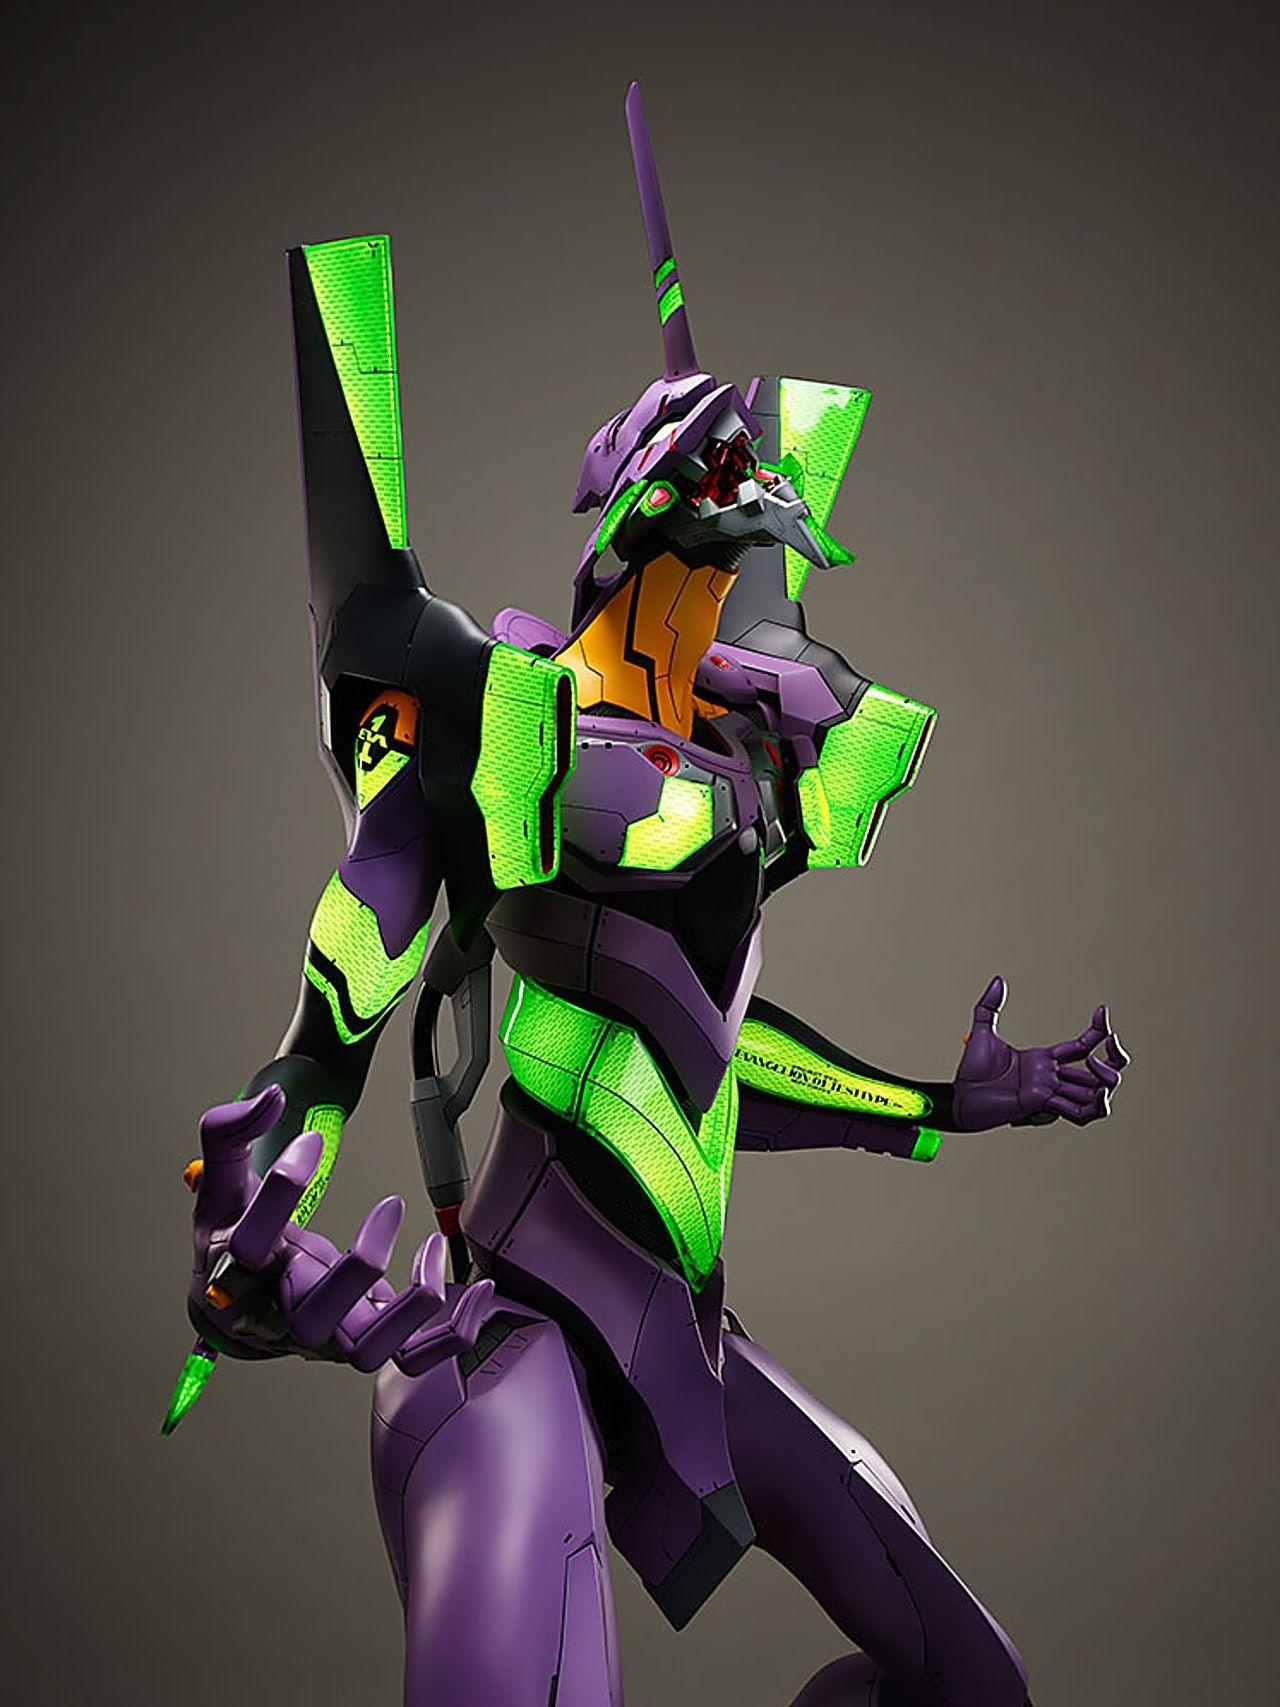 Estatua Gigante de la Unidad 01 de Evangelion